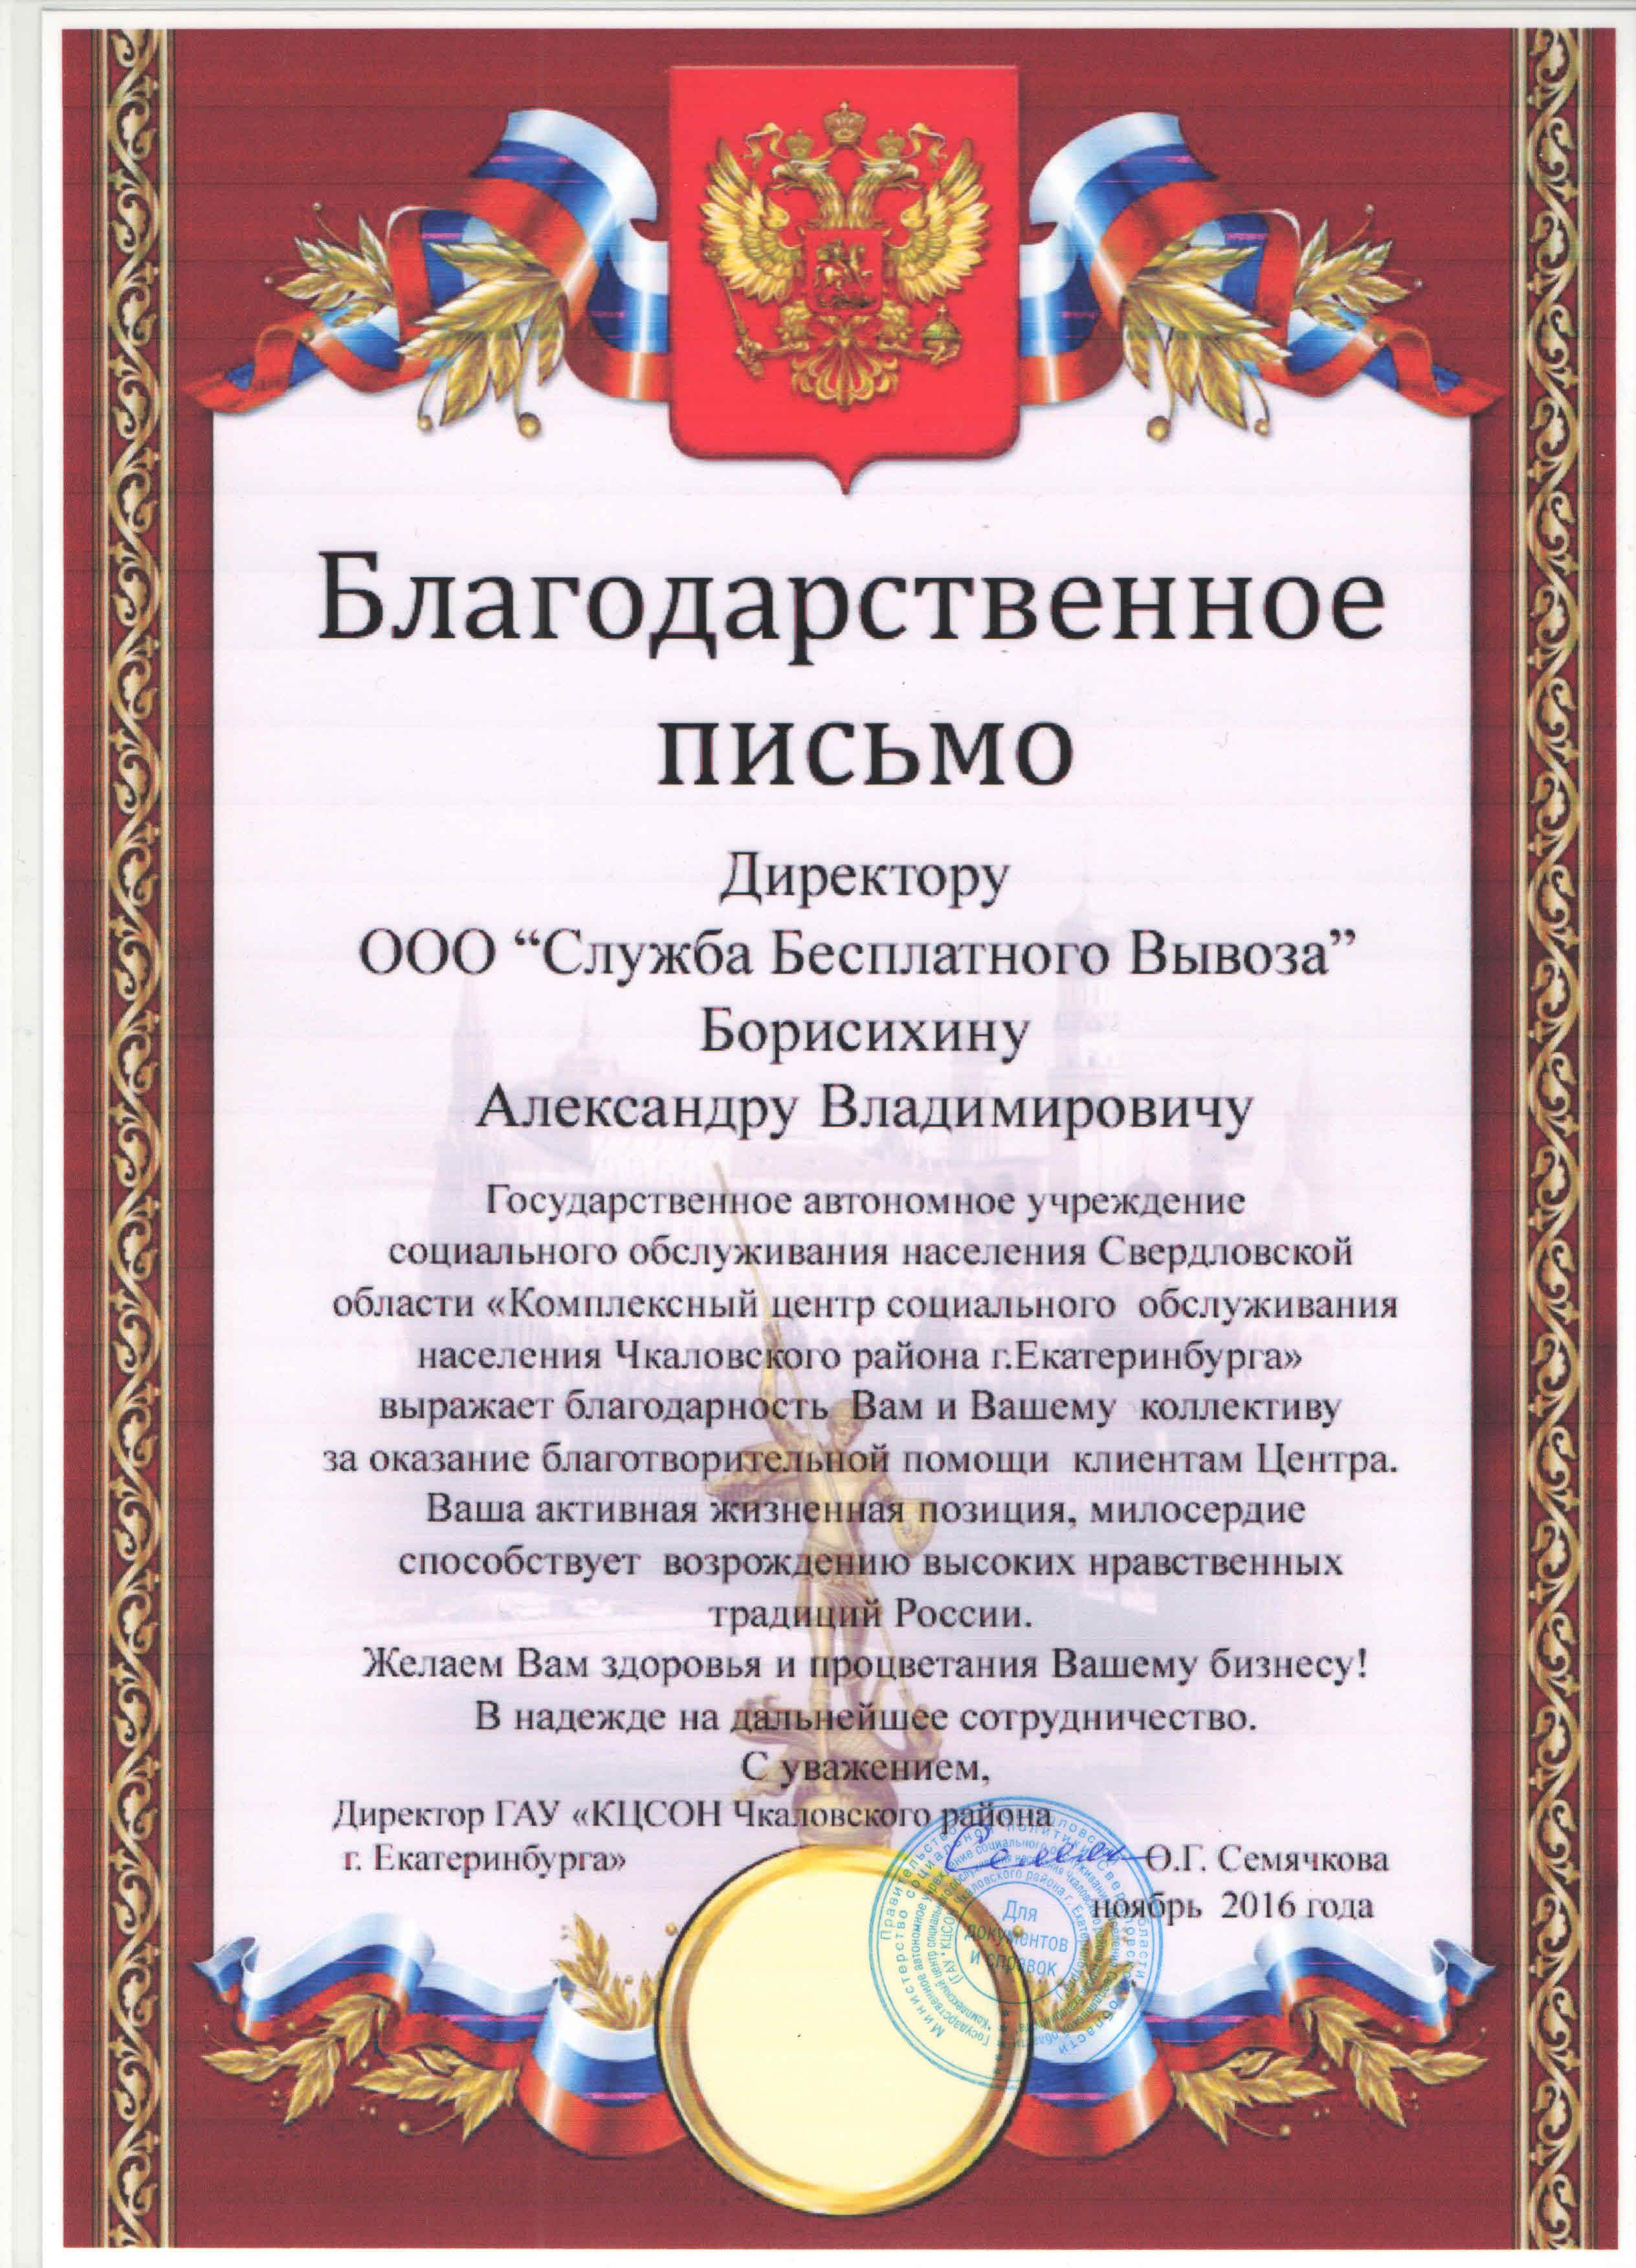 Благодарственное письмо от ГАУ КЦСОН Чкаловского района